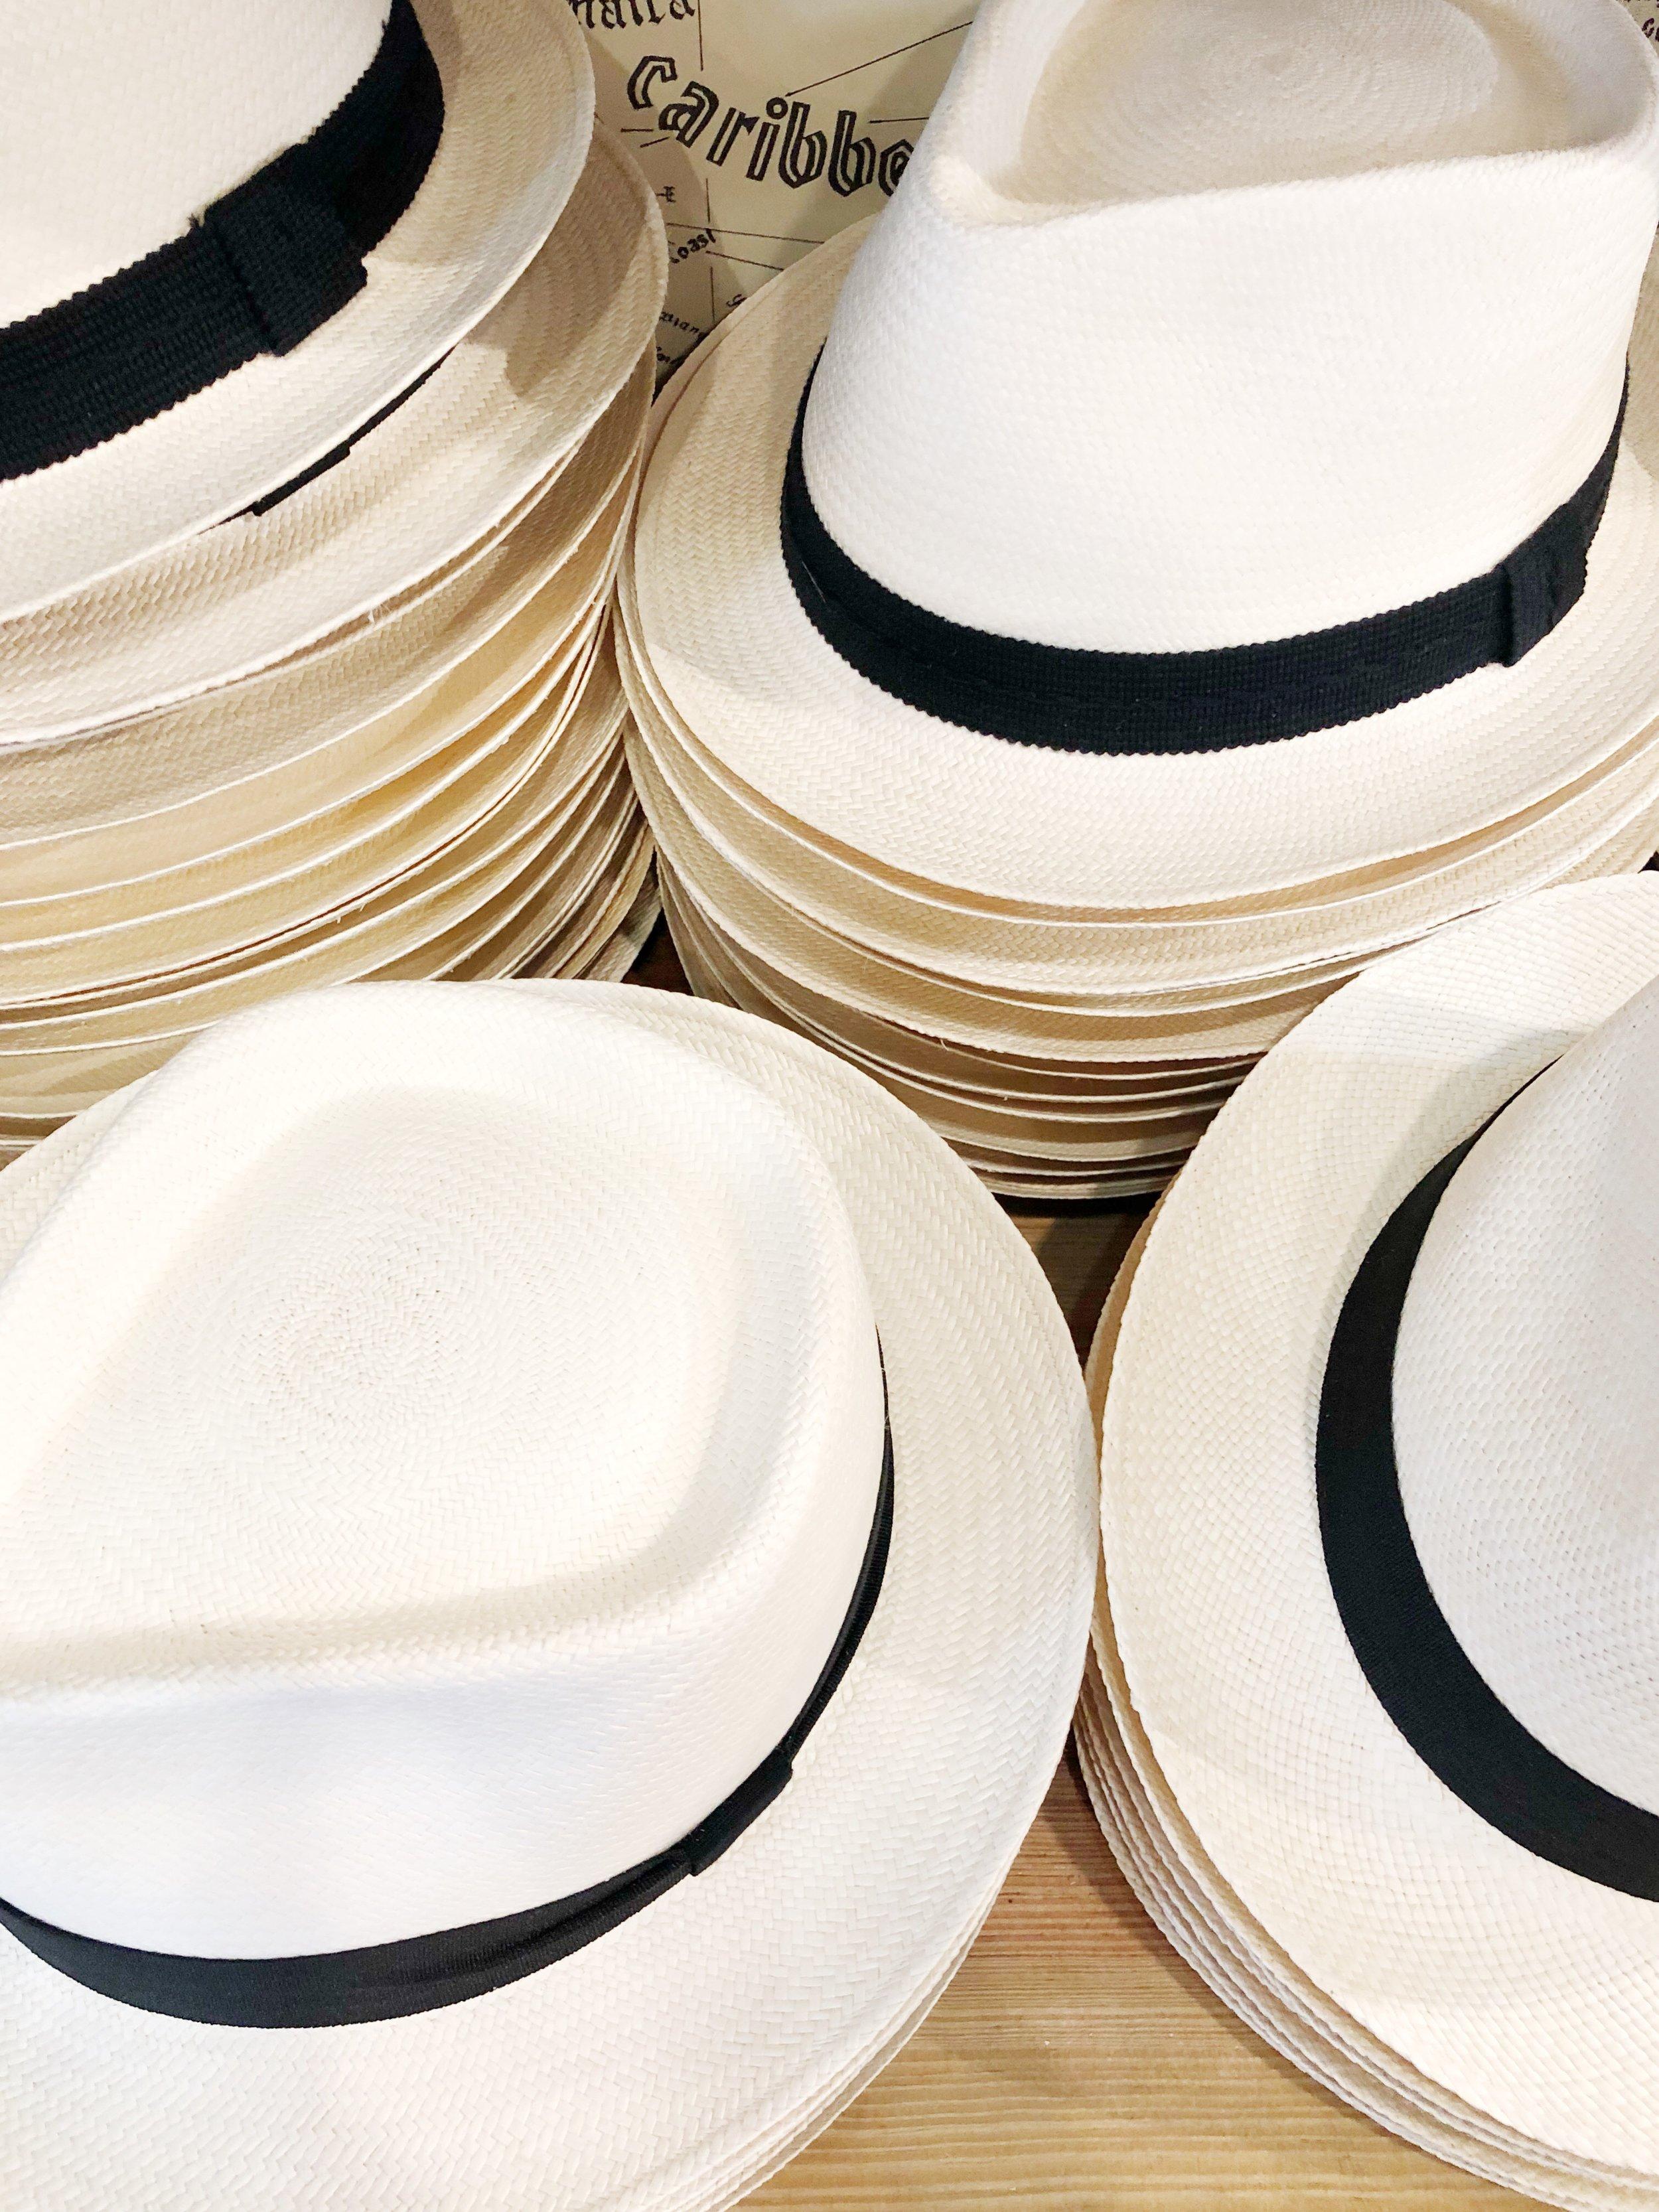 Panama hats in Old San Juan.